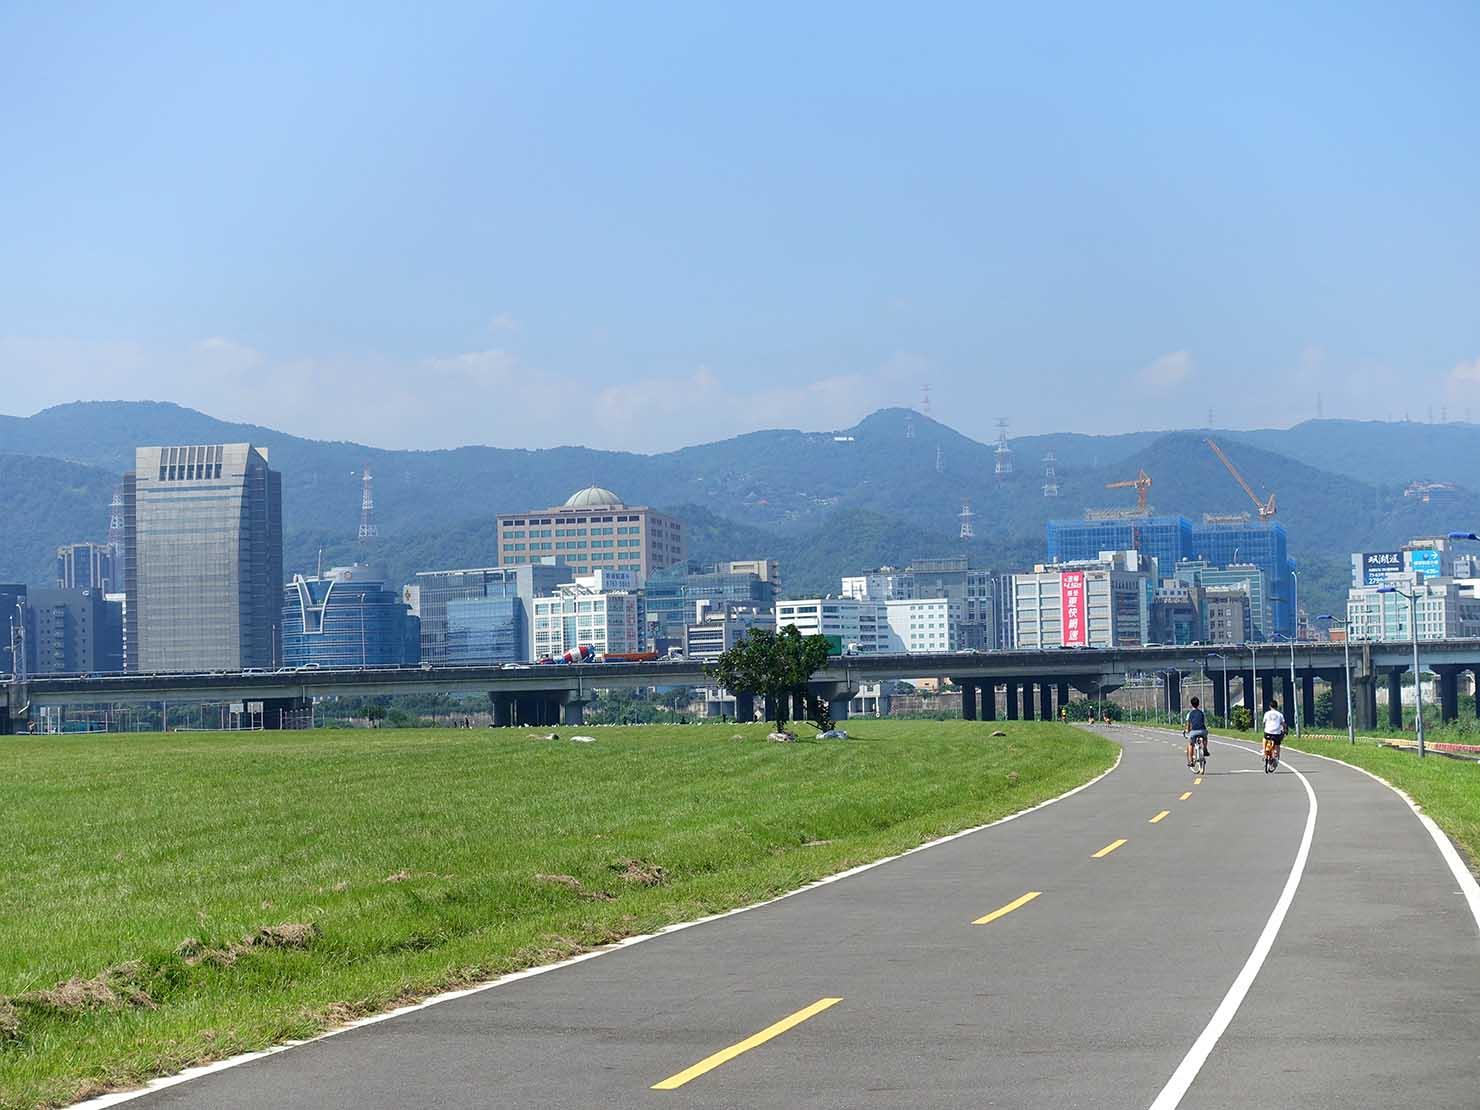 台北一周自転車道「觀山河濱公園」から見える內湖科學園區